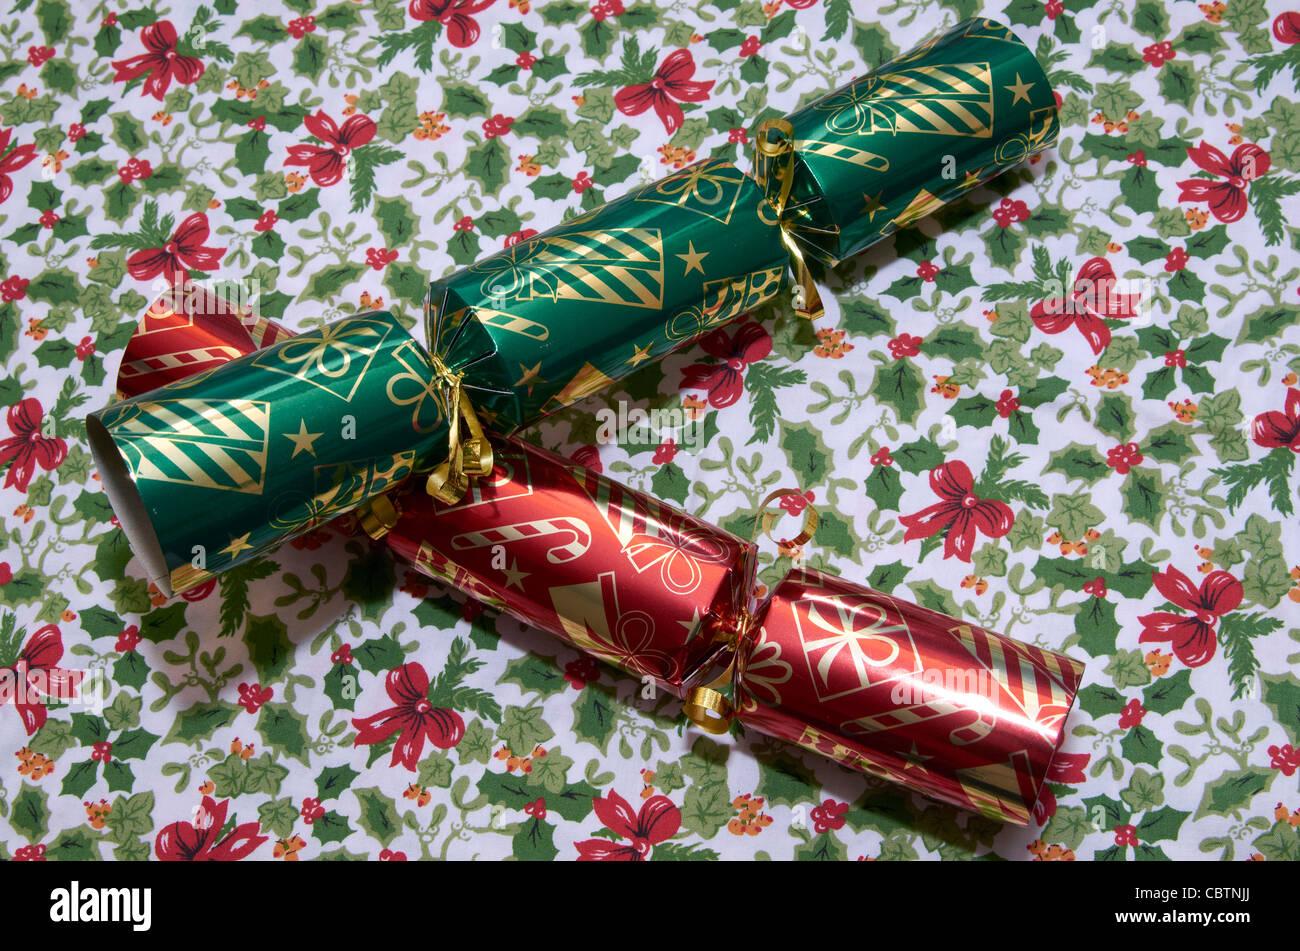 Rote und grüne Christmas Cracker auf einer Tischdecke Weihnachten mit Holly Muster. Stockbild